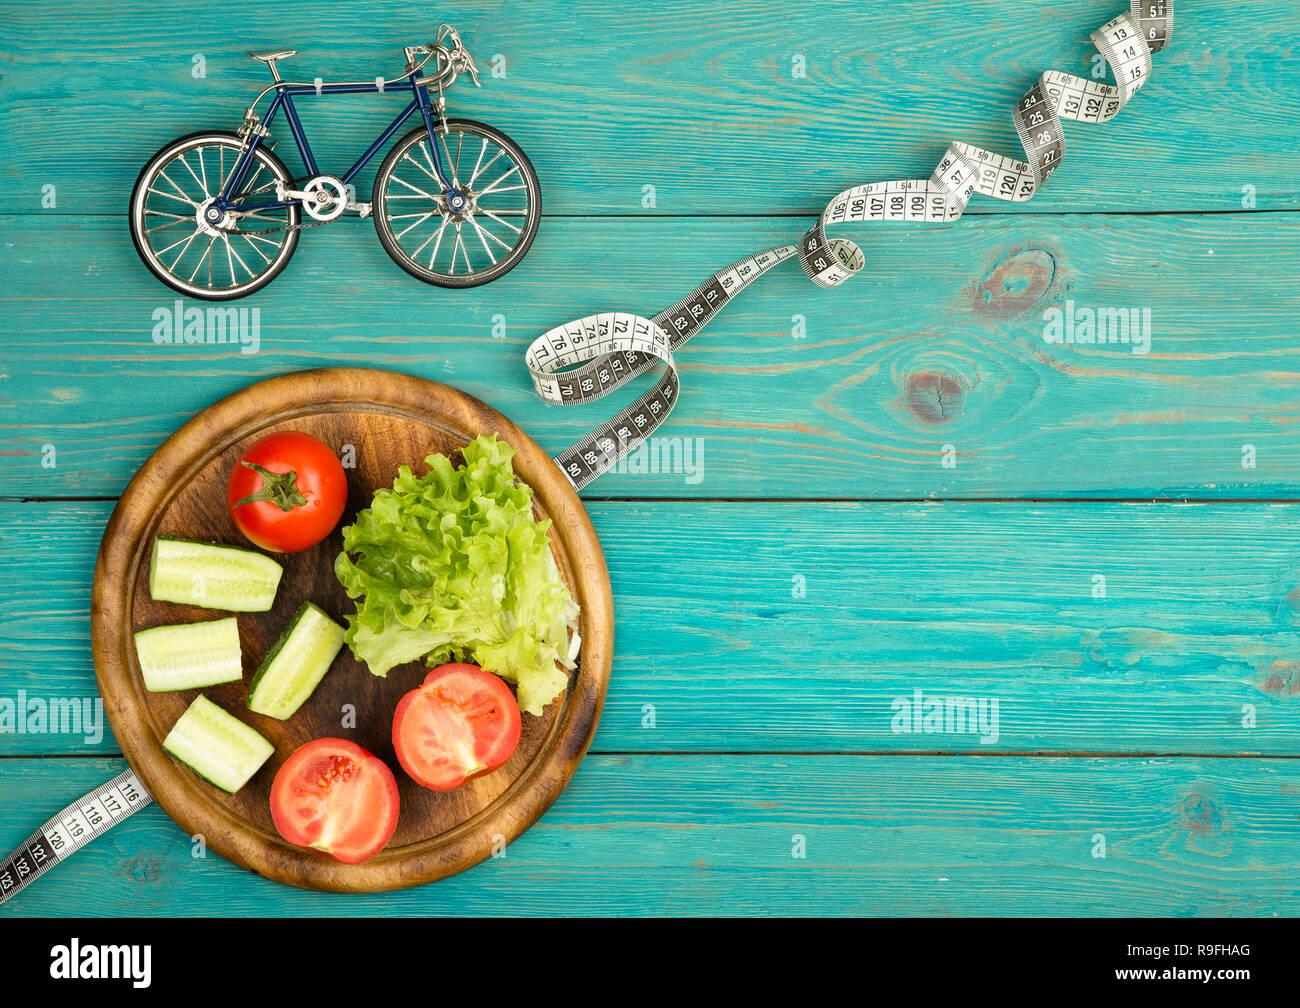 Sport Und Diat Konzept Fahrrad Modell Frisches Gemuse Und